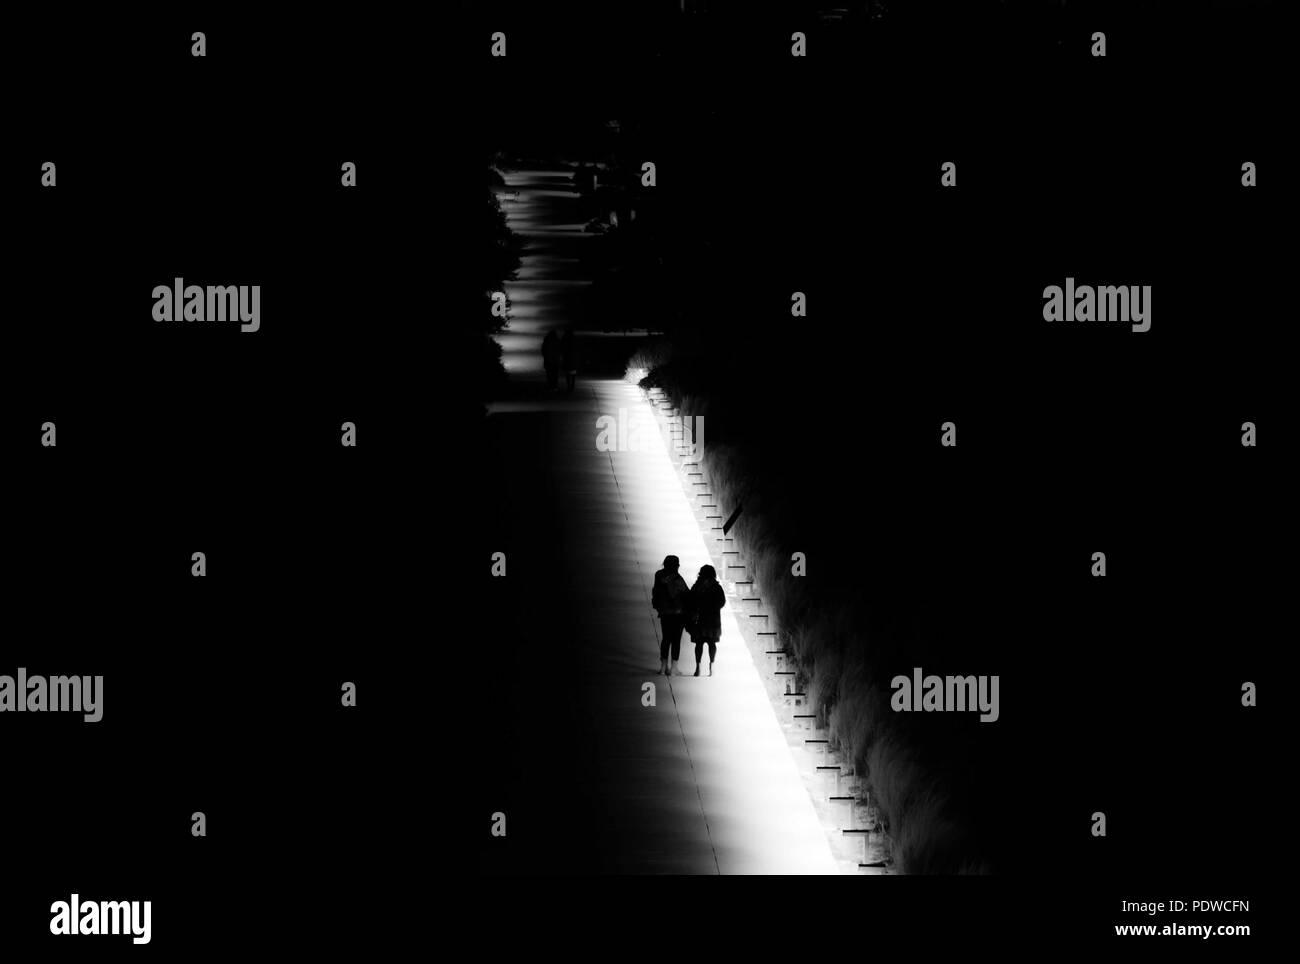 Night walk at a park - Stock Image